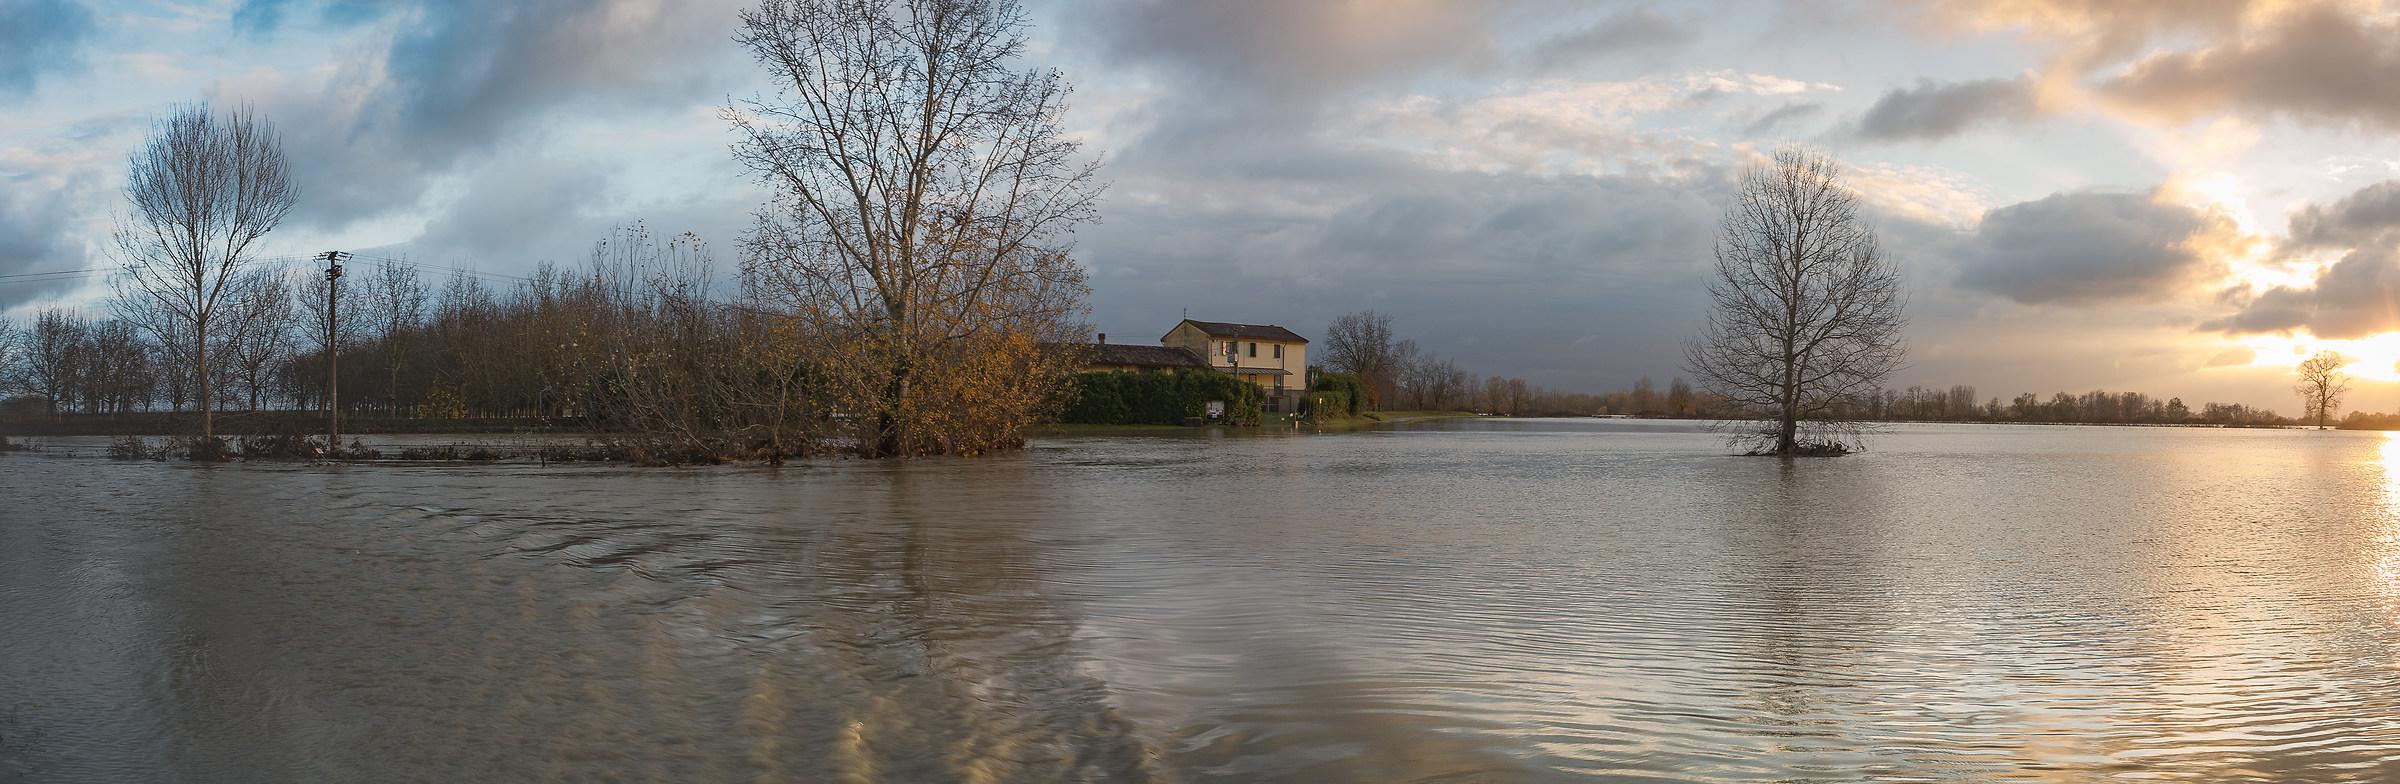 Acquario di Motta Baluffi sottacqua...